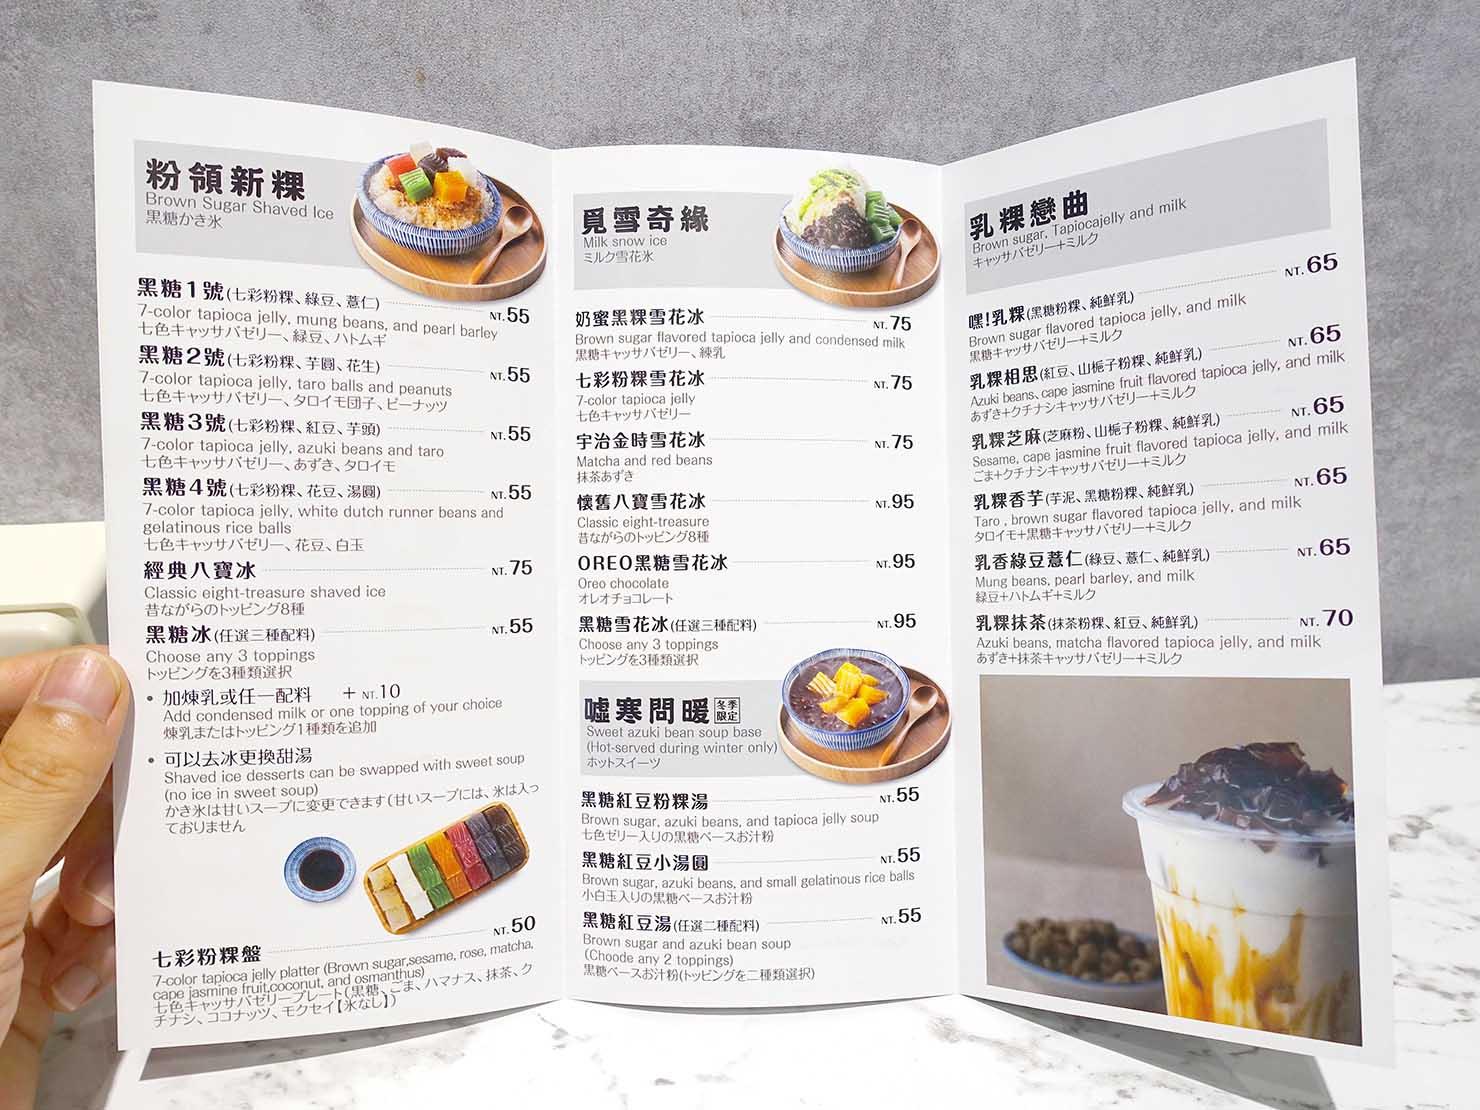 台北駅前エリア(前站)のおすすめスイーツ店「覓糖」のメニュー